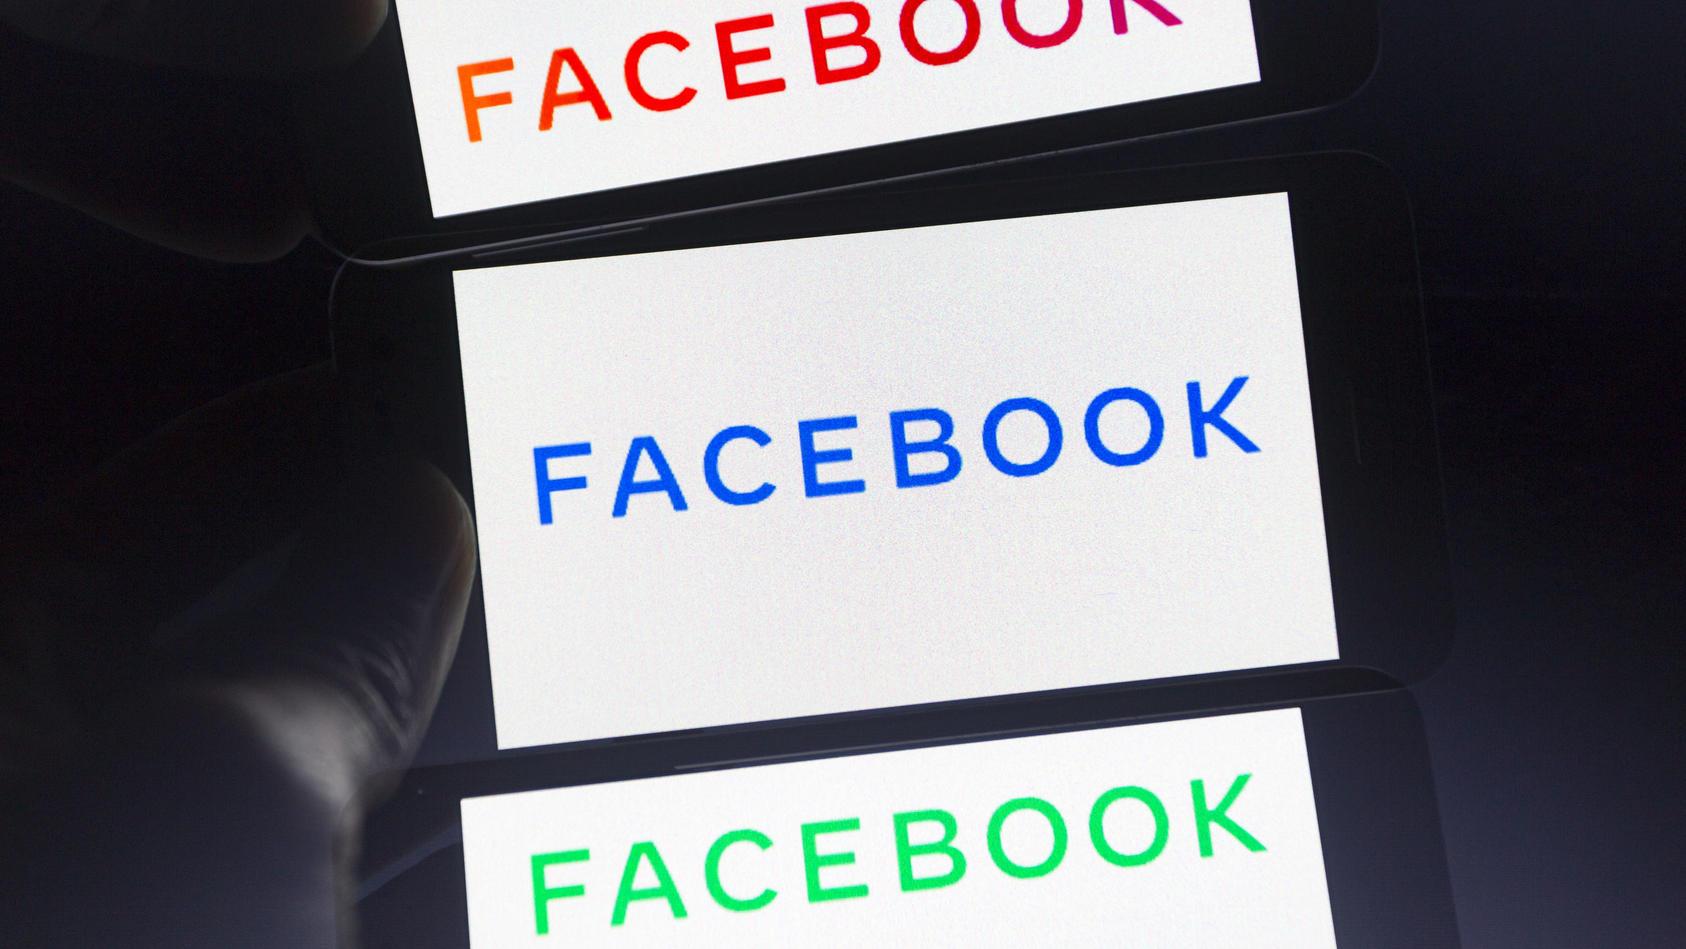 Facebook neues Firmenlogo.